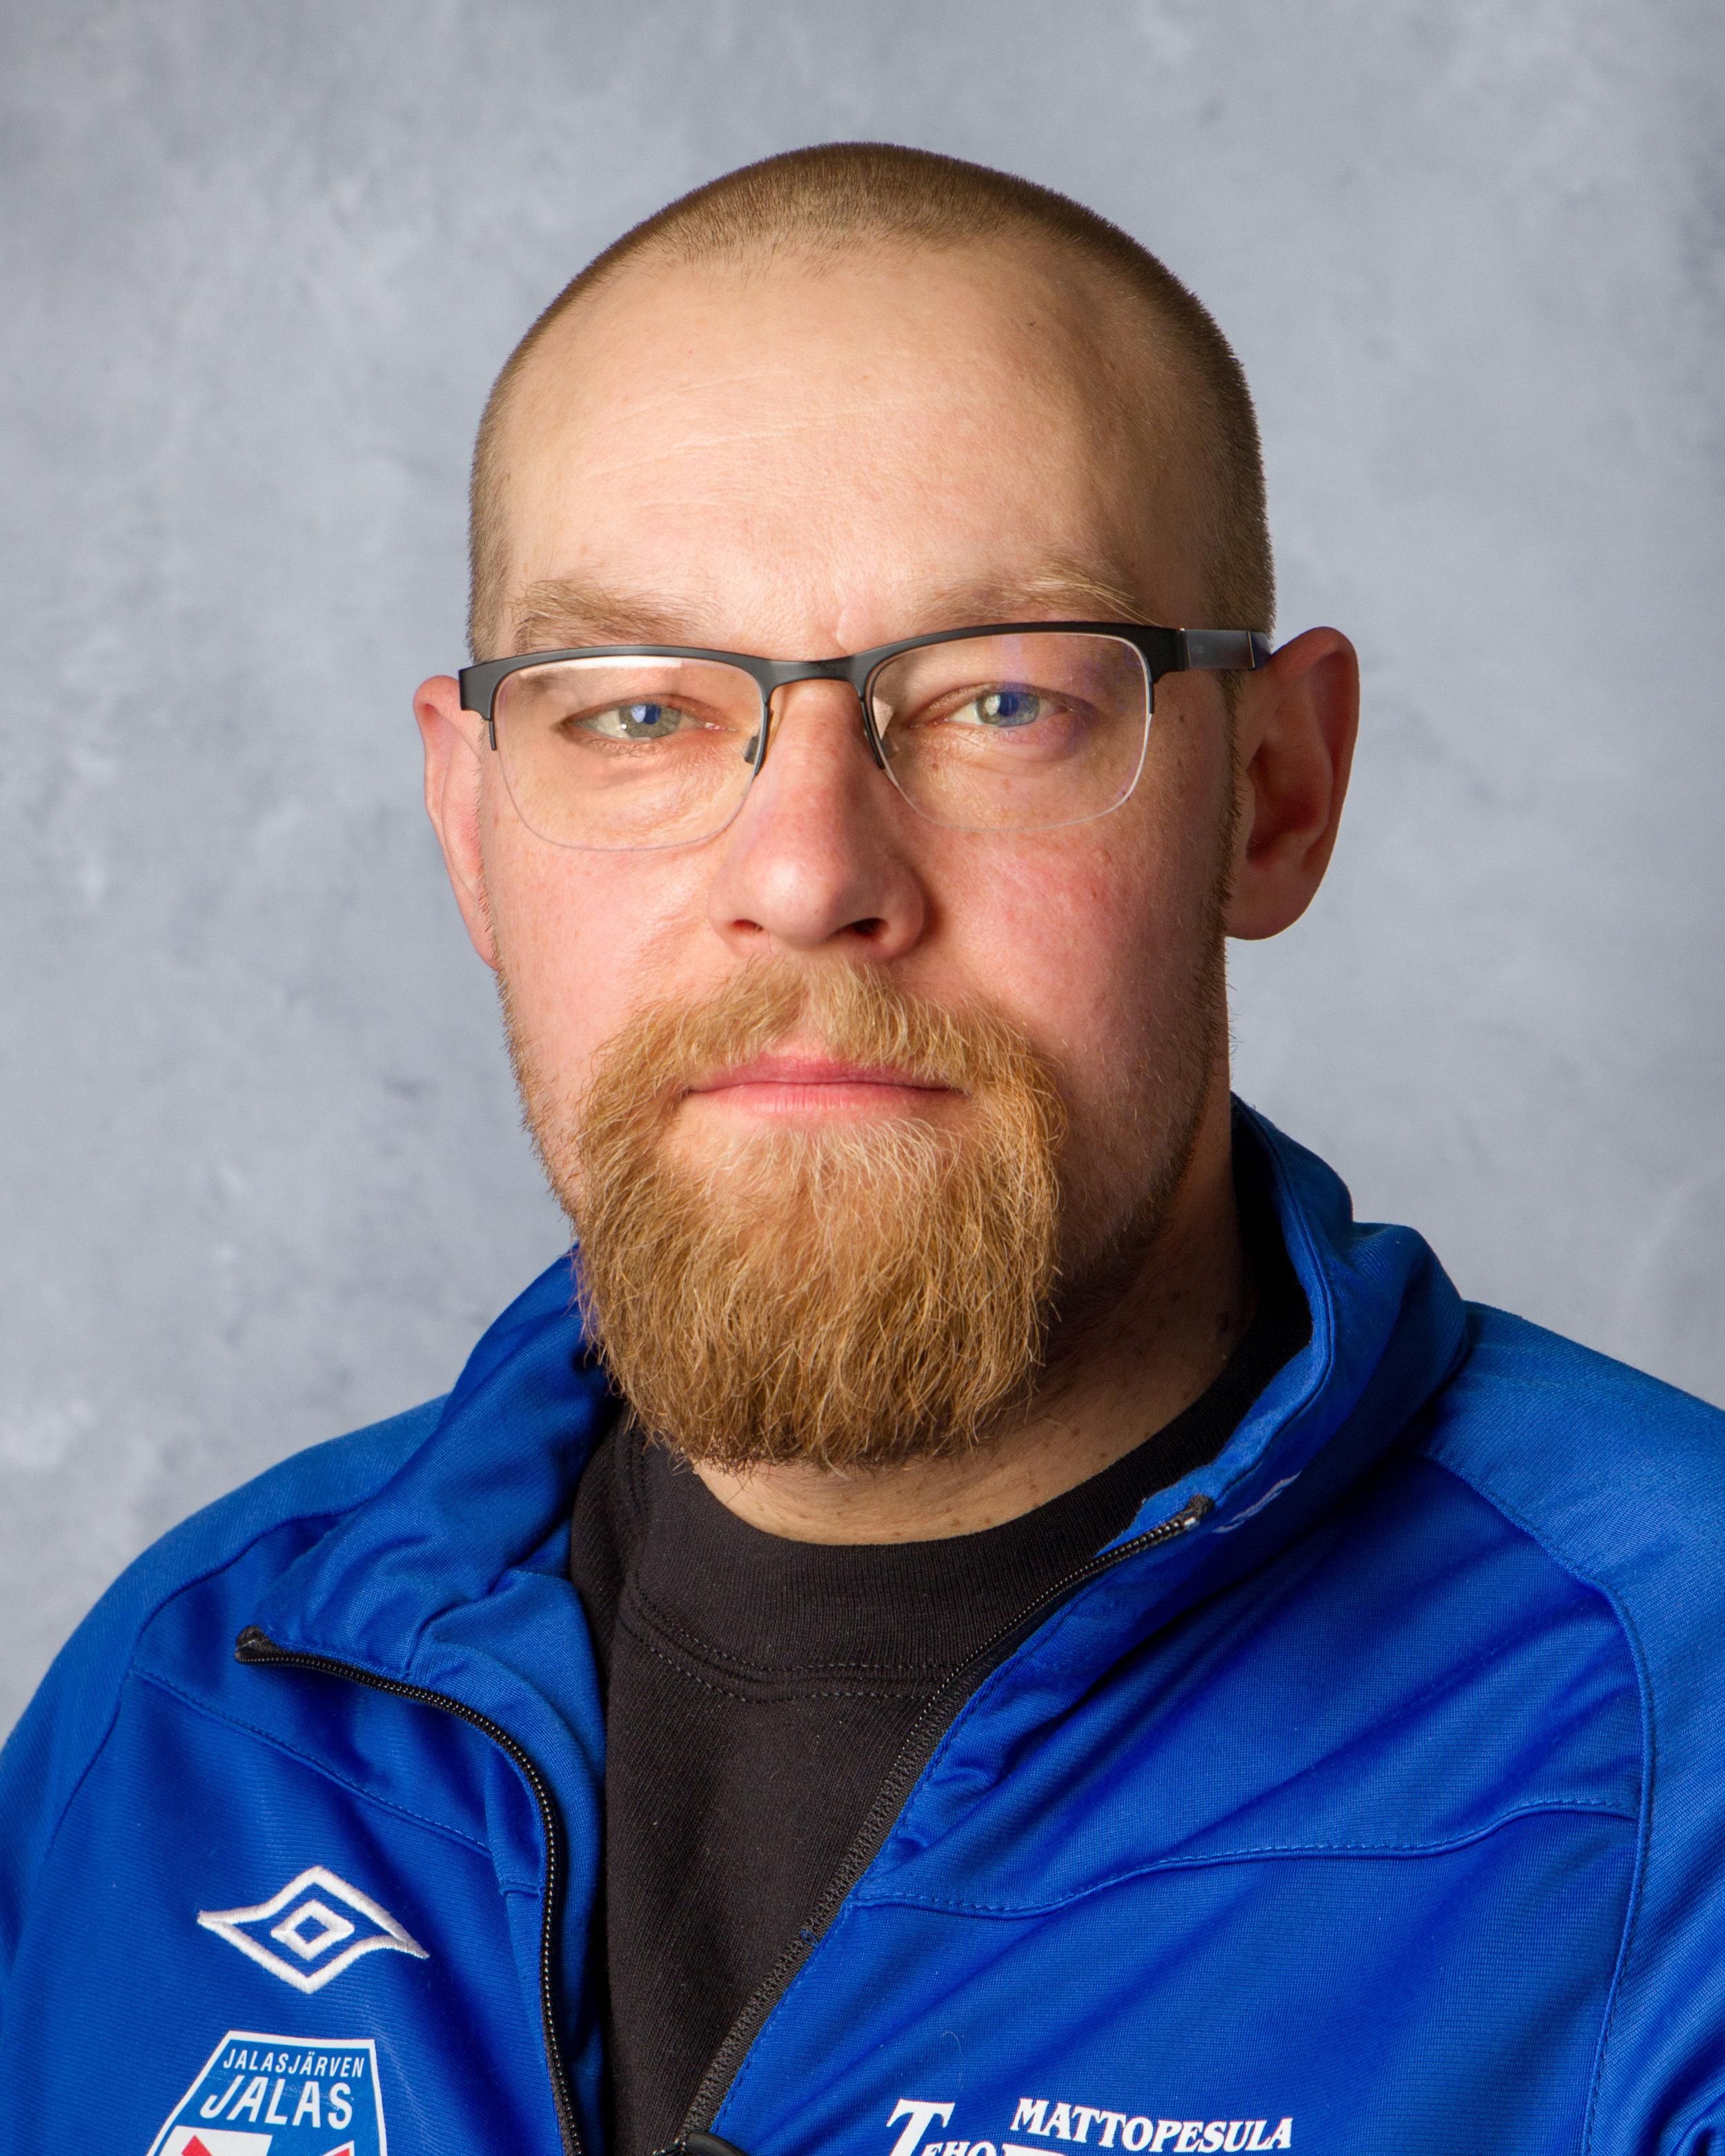 Sami Saari   Jäsen  samijtsaari77 [at] gmail.com 050 594 8120